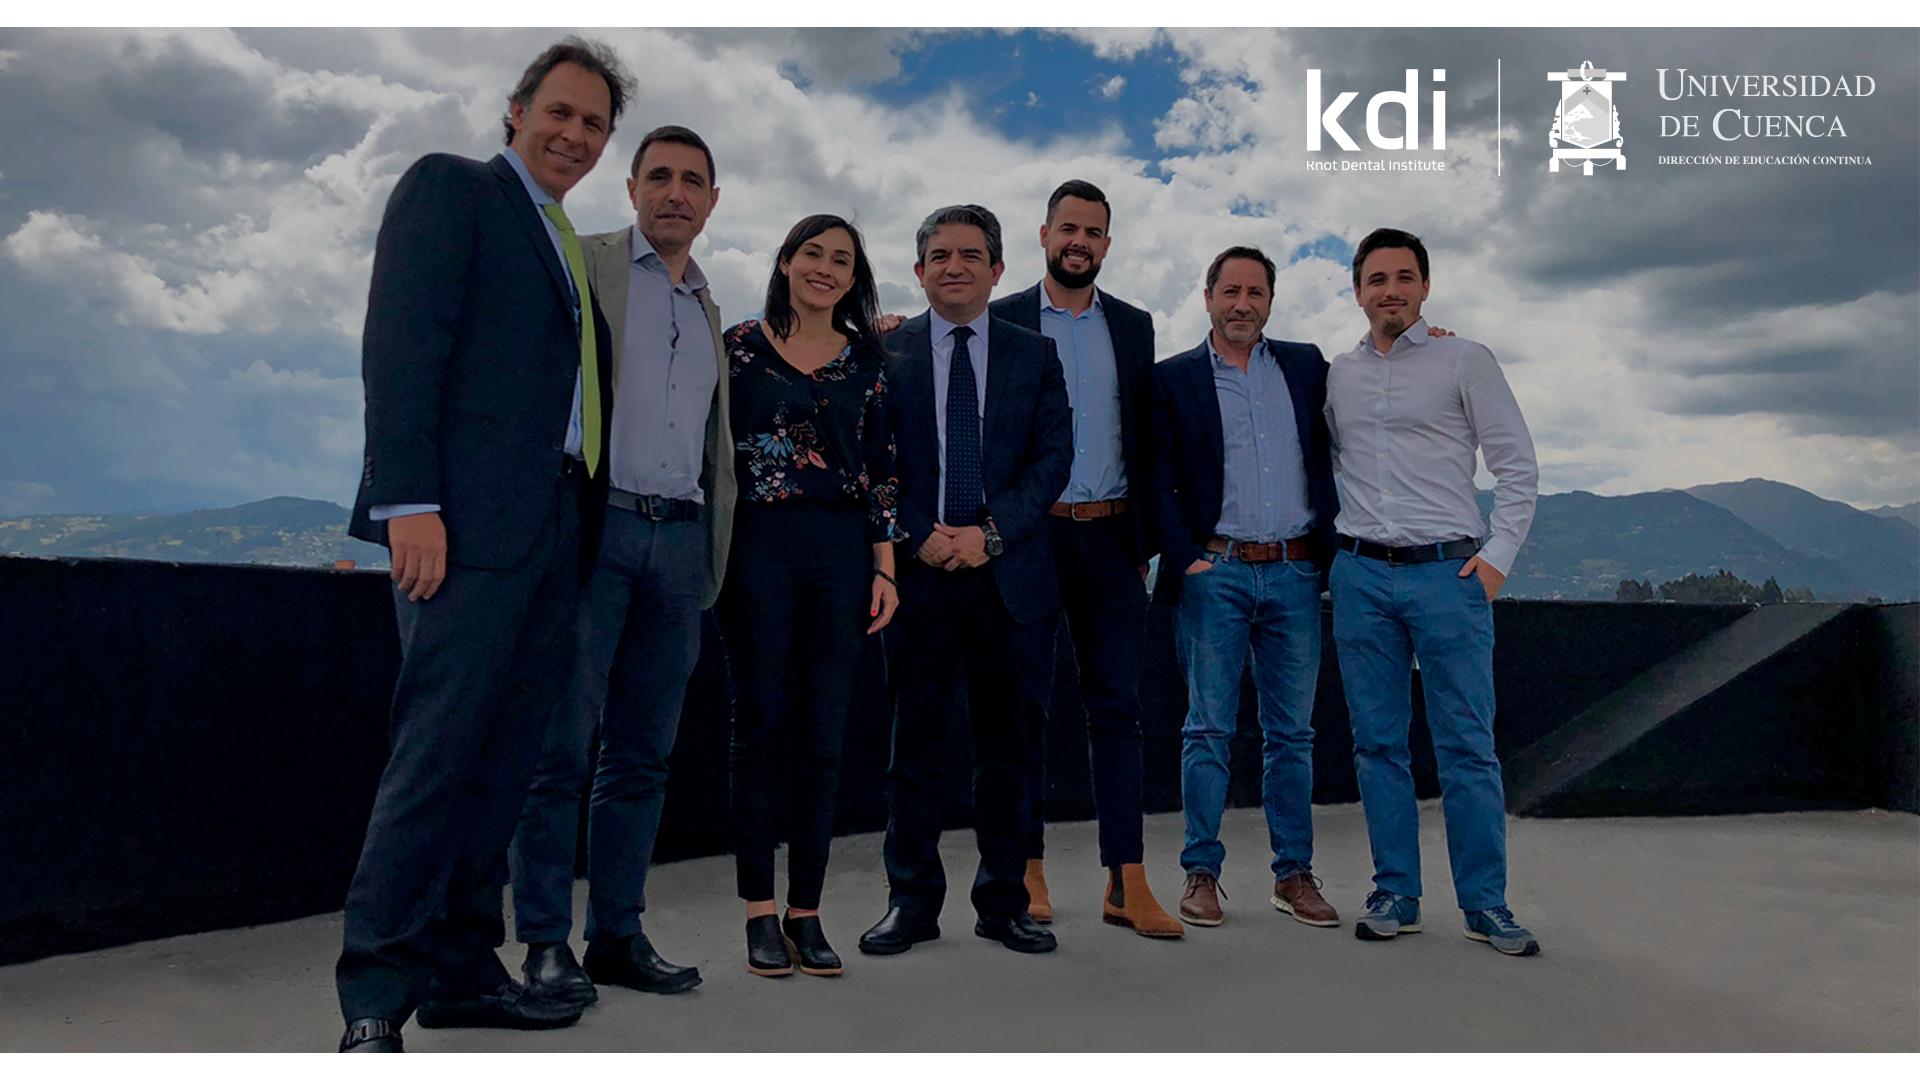 Fotografía que ilustra la noticia de odontología de Knotgroup Dental Institute sobre KDI triunfa con los cursos presenciales en la Universidad de Cuenca